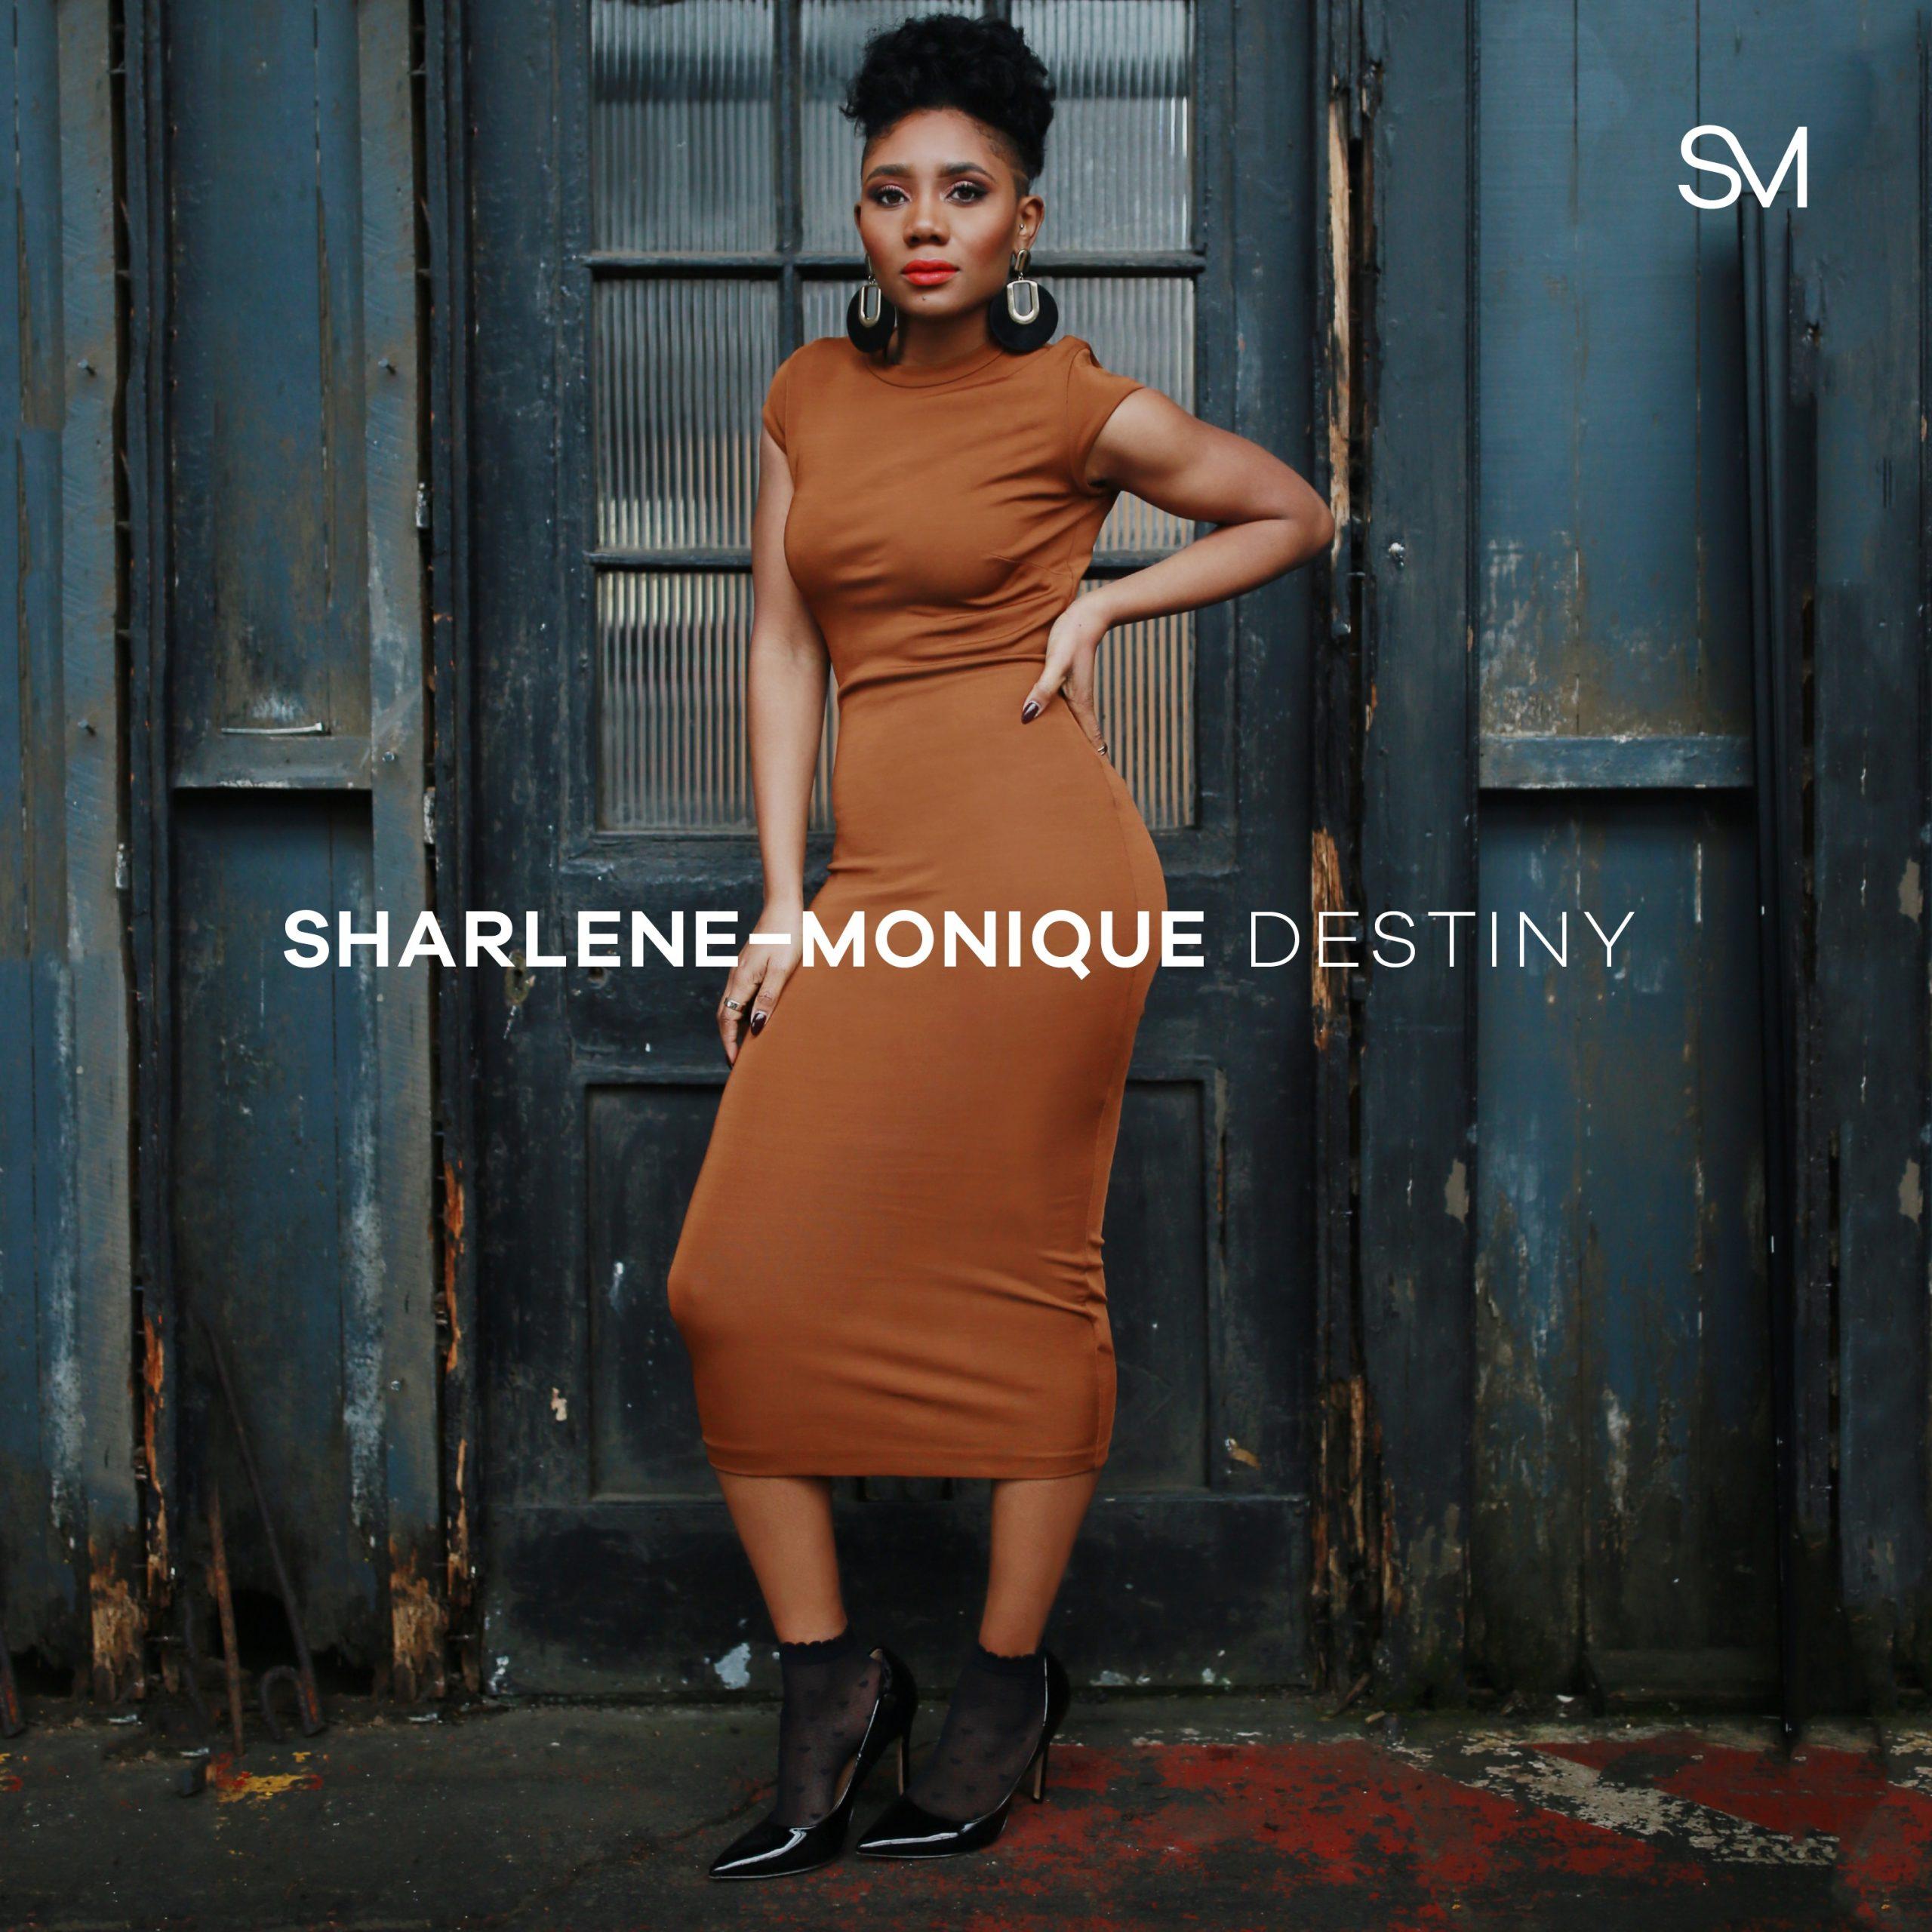 Sharlene-Monique's cover art for 'Destiny'